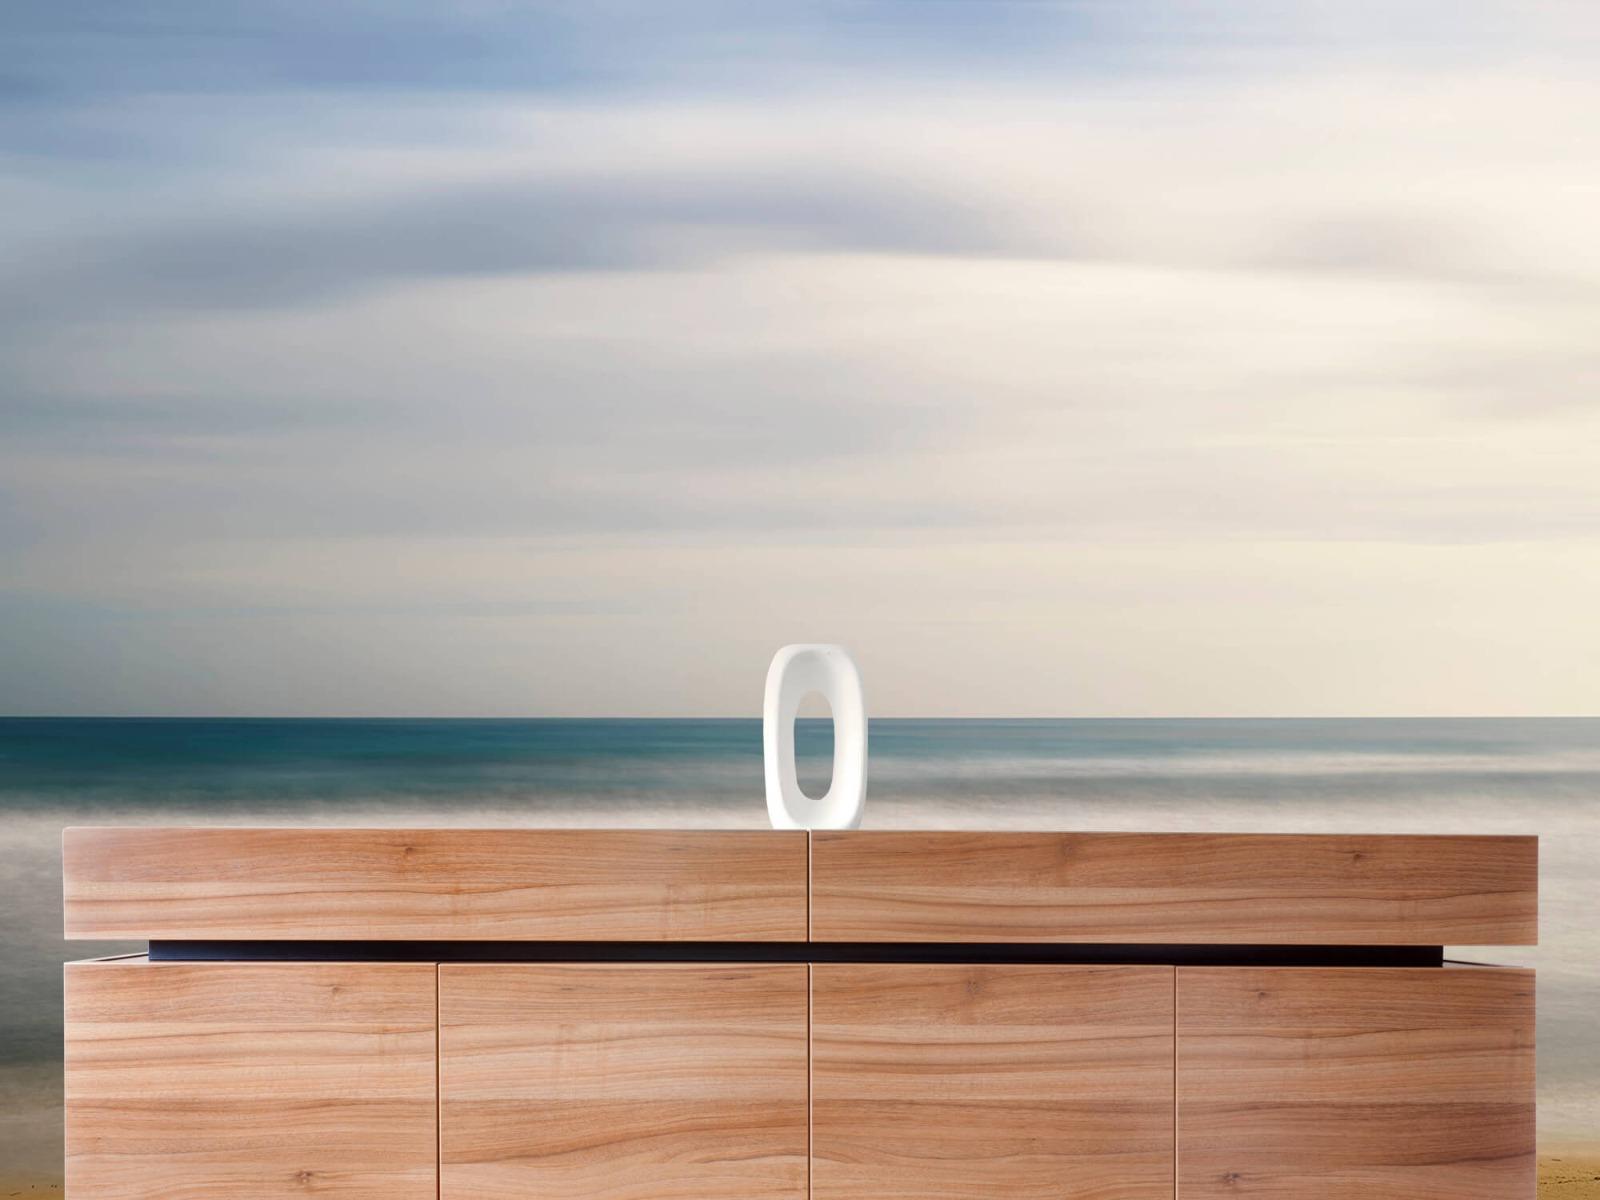 Zeeën en Oceanen - Open zee - Slaapkamer 20